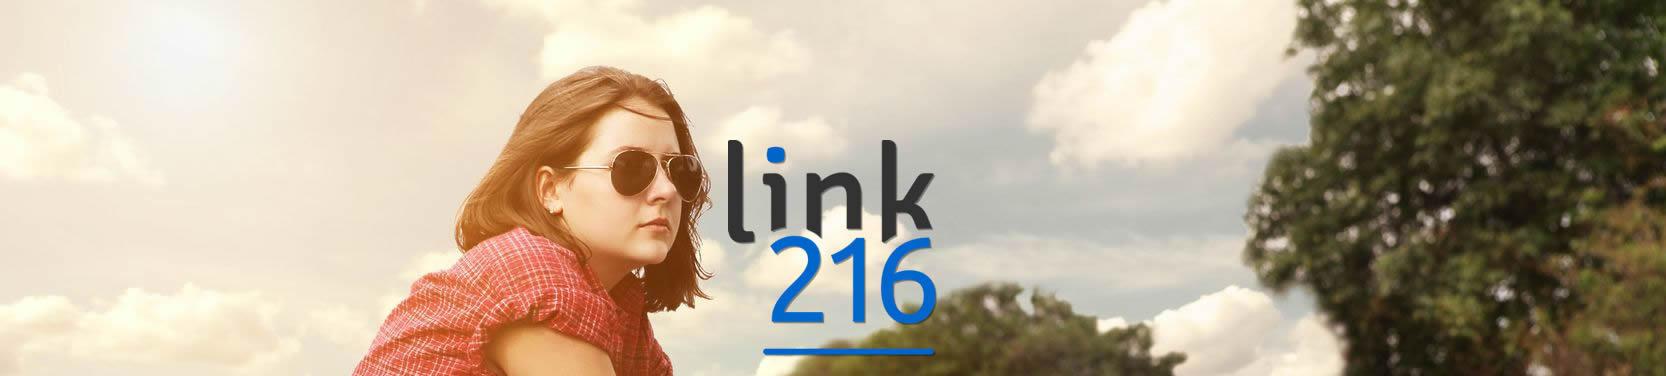 link216 - WordPress - Office 365 - Services et conseils dans les technologies de l'information